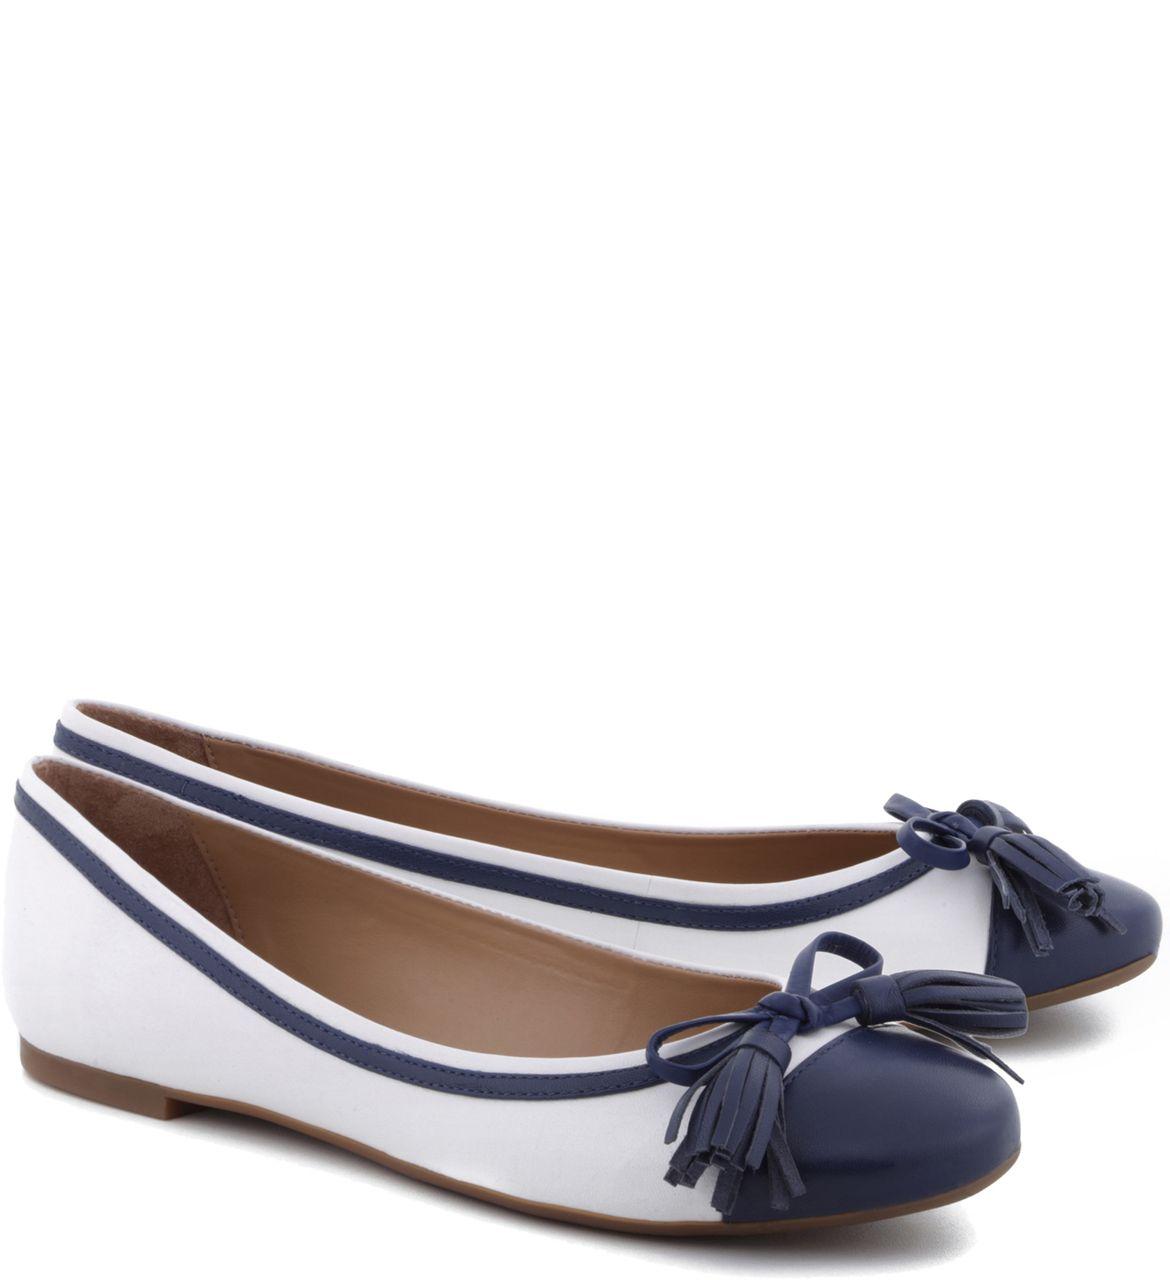 8ff870efd Sapatilha Barbicachos Branca | Arezzo | Chic-issima Shoes in 2019 ...